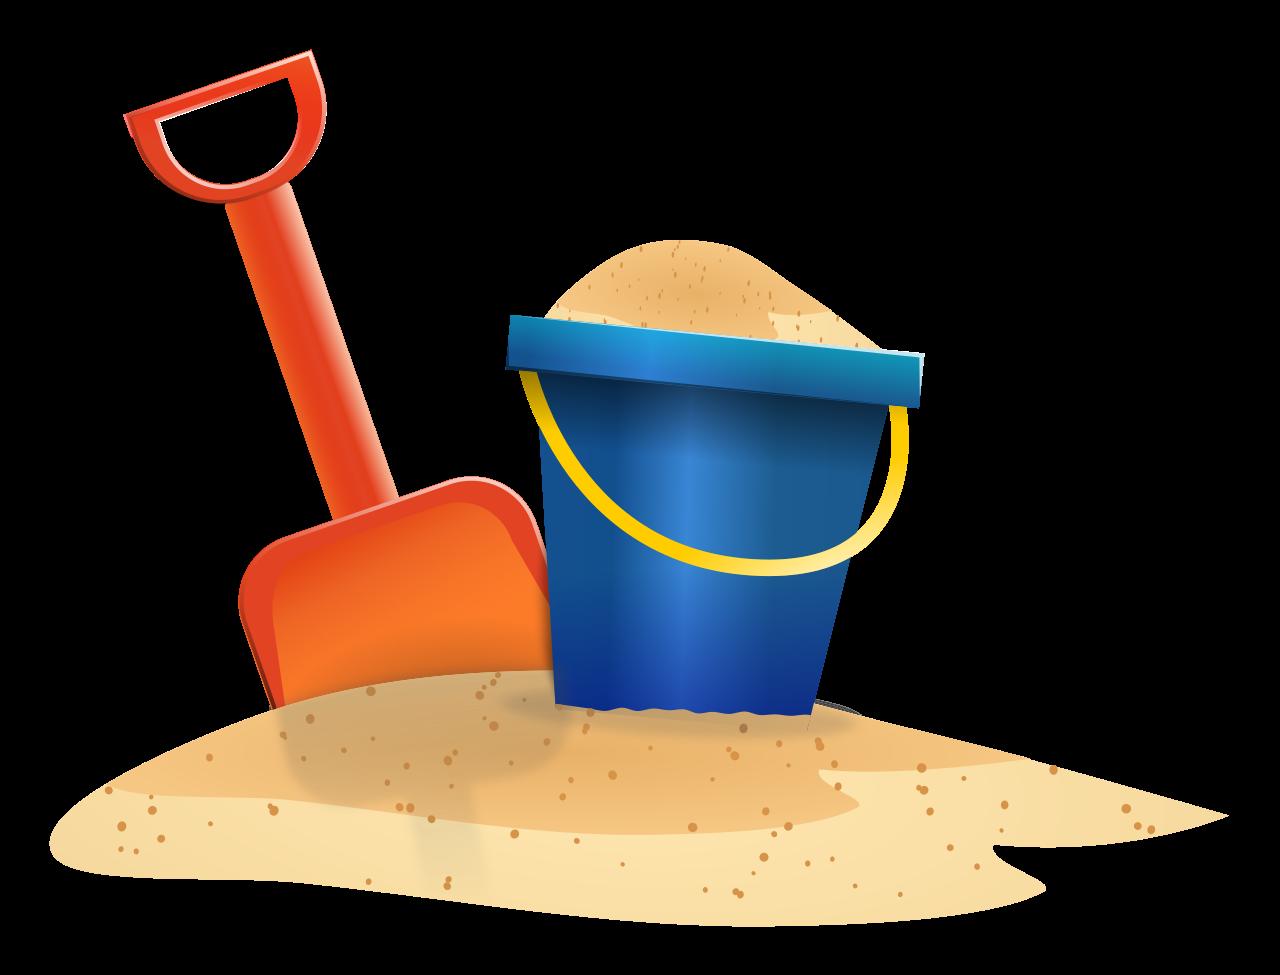 File:Sandbox.